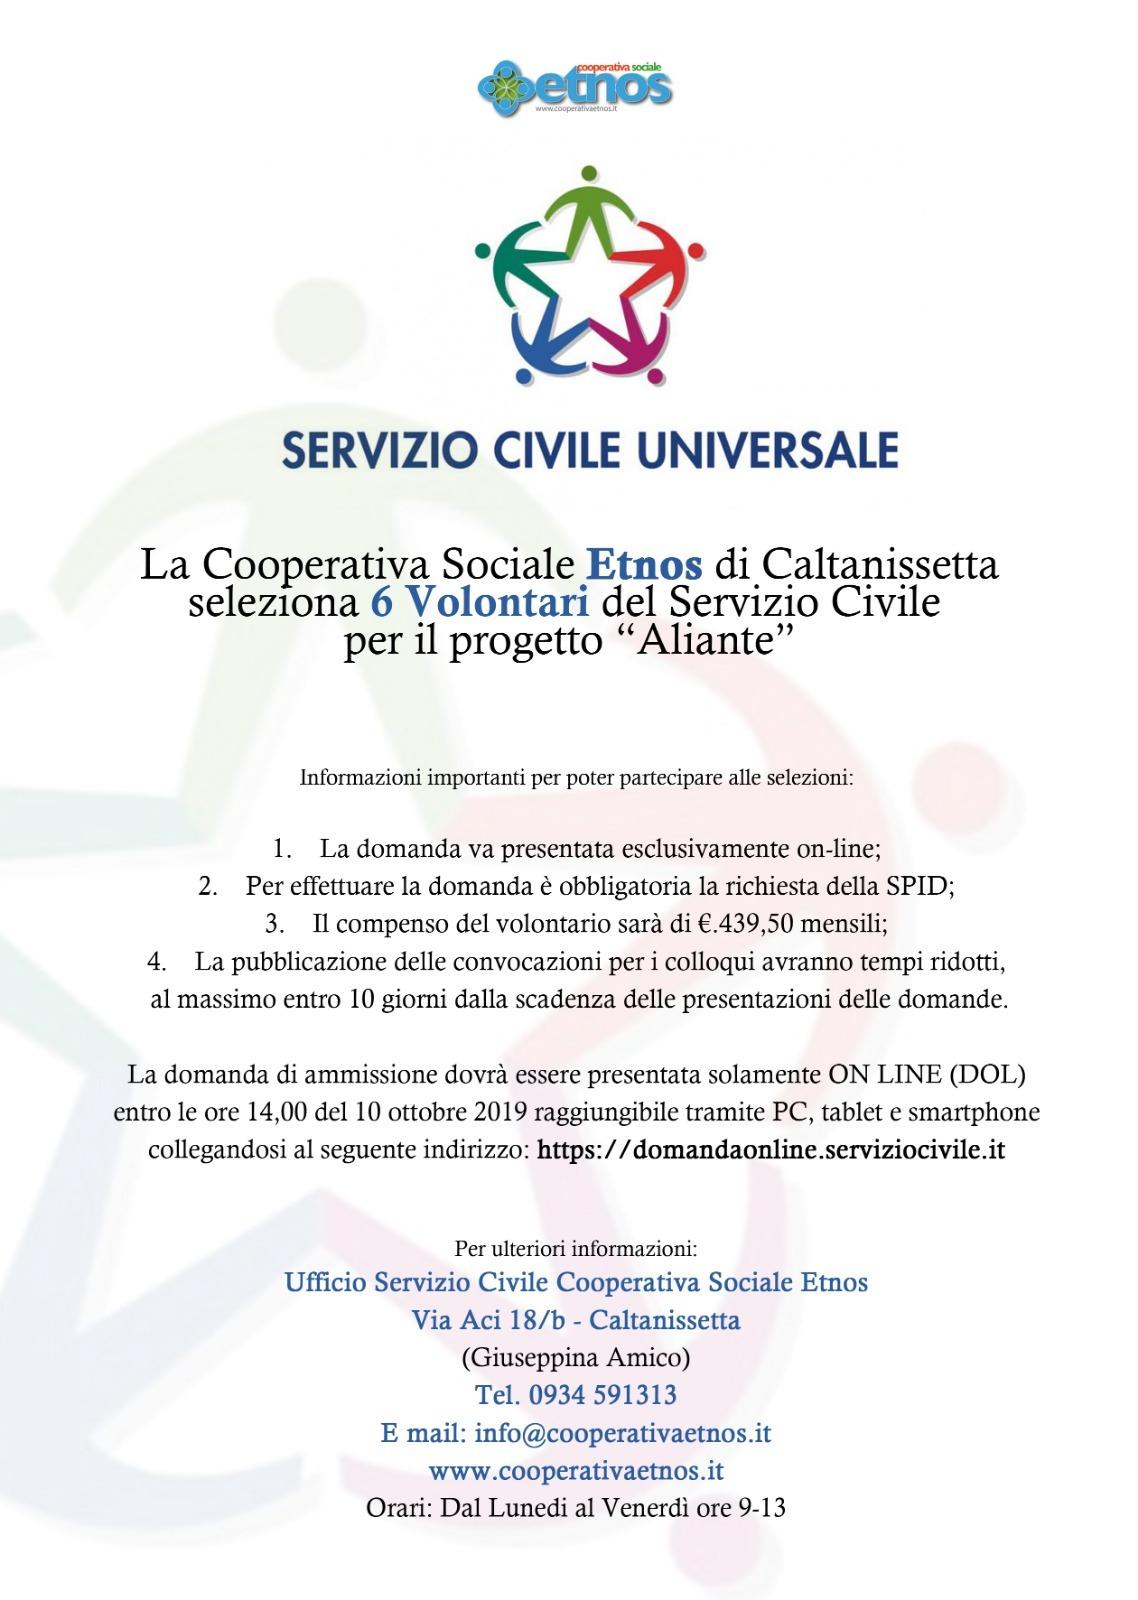 """Seleziona 6 Volontari del Servizio Civile per il progetto """"Aliante"""""""